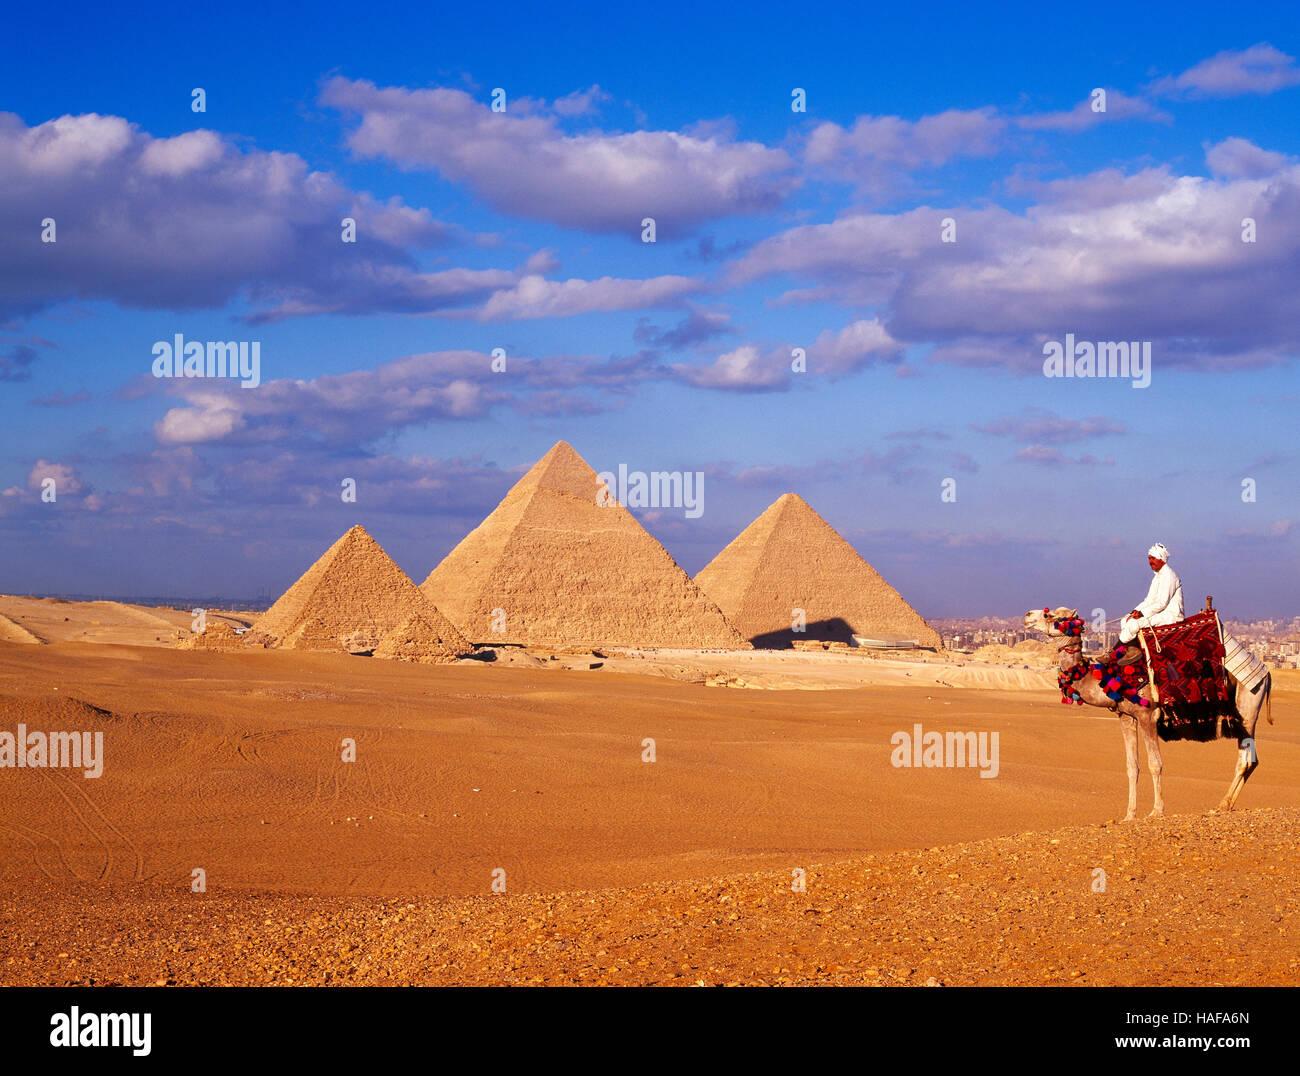 Piramidi e Camel rider, Giza , Cairo, Egitto. Immagini Stock